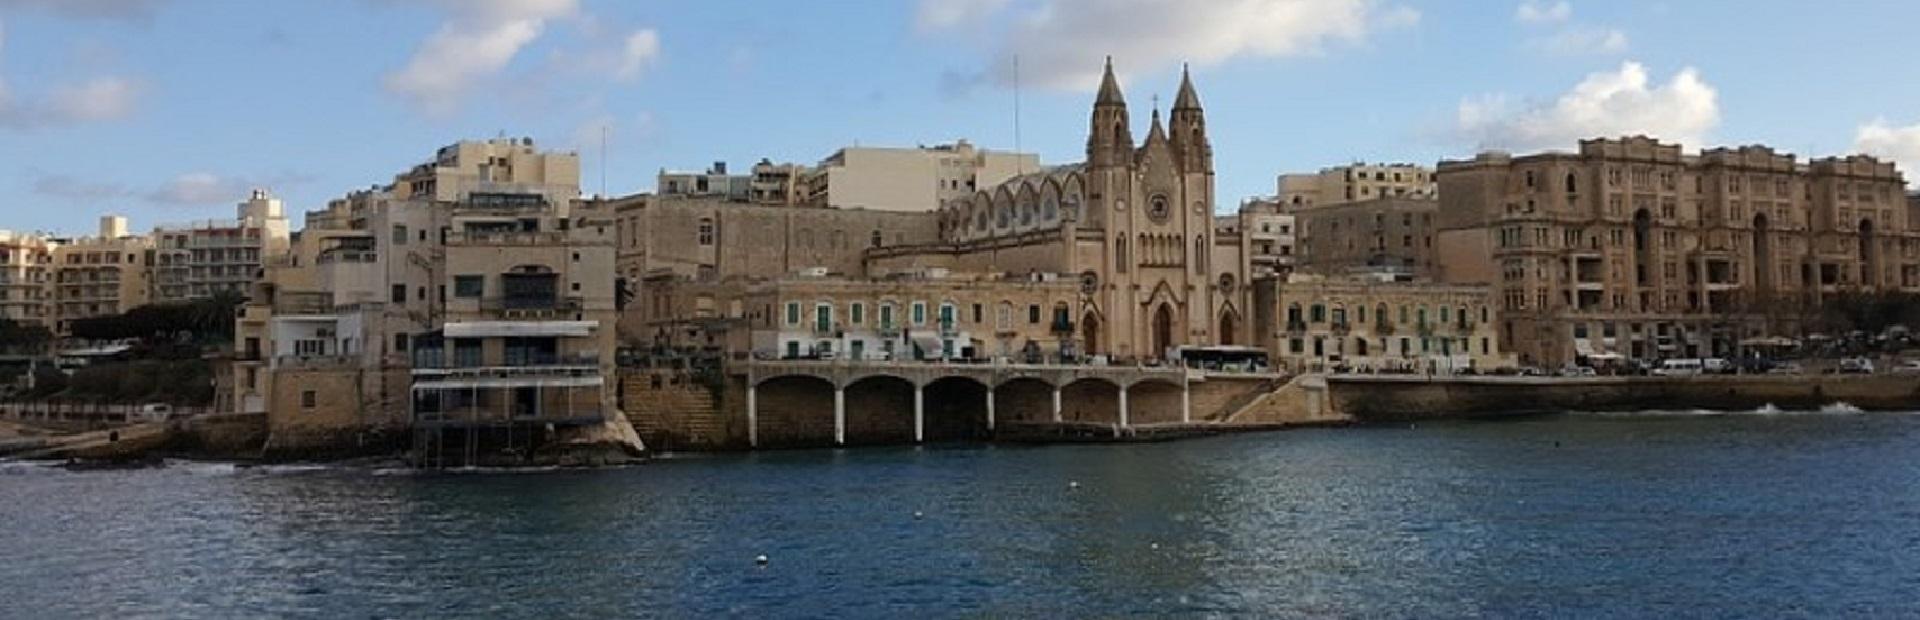 malta-2460762_960_720